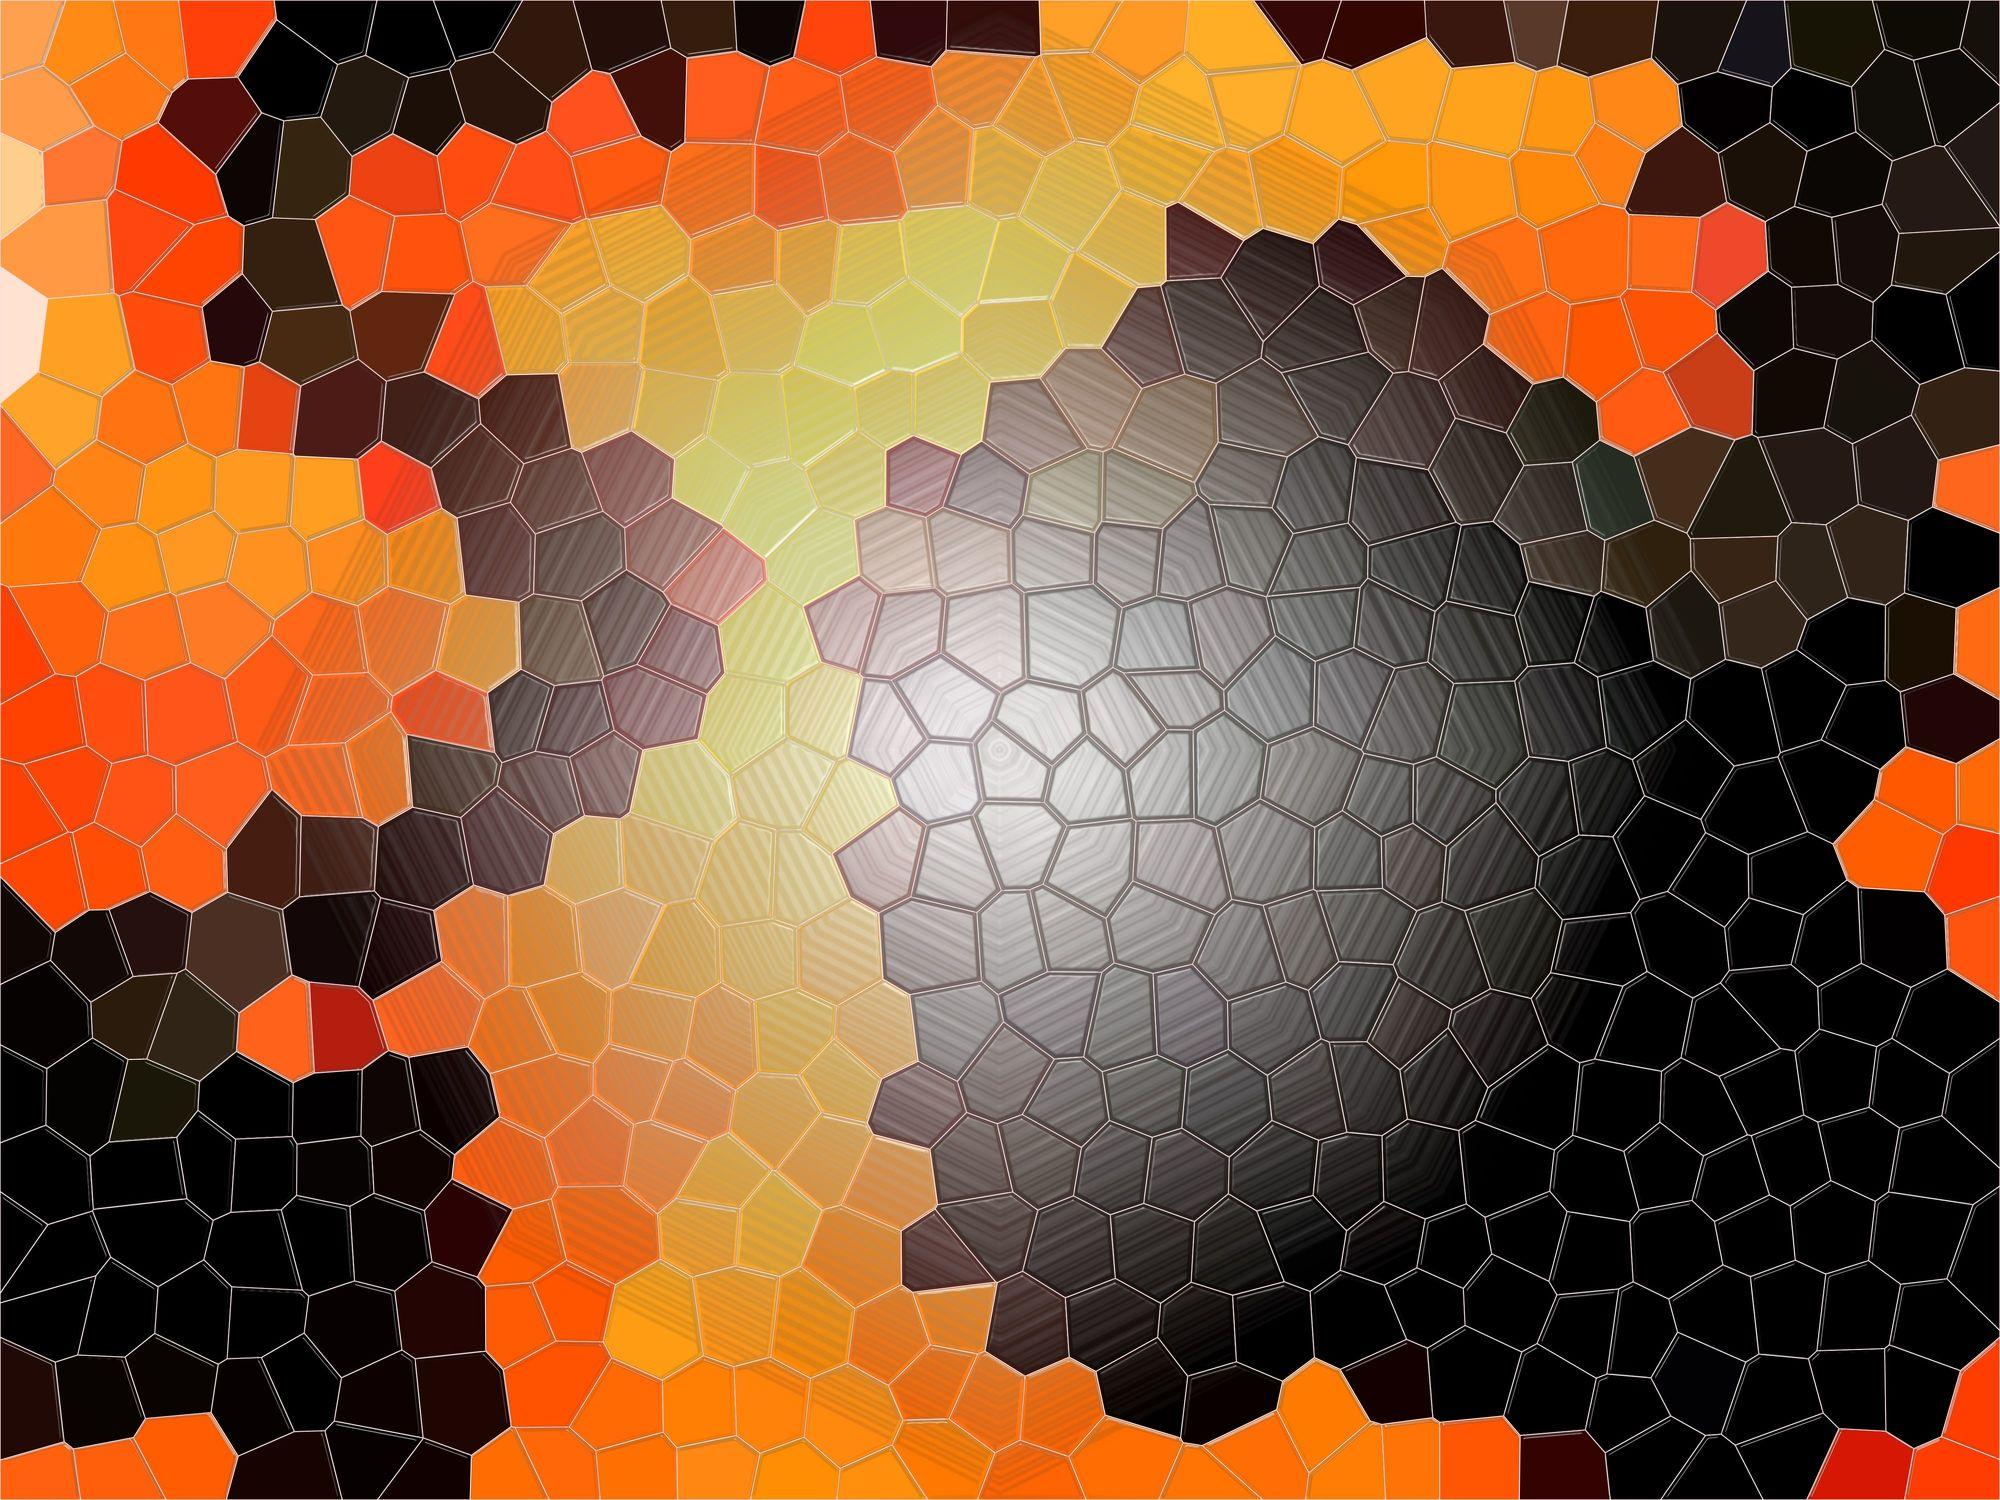 Bild mit Farben, Orange, Kunst, Illustration, Abstrakt, Abstrakte Kunst, Abstrakte Malerei, Kunstwerk